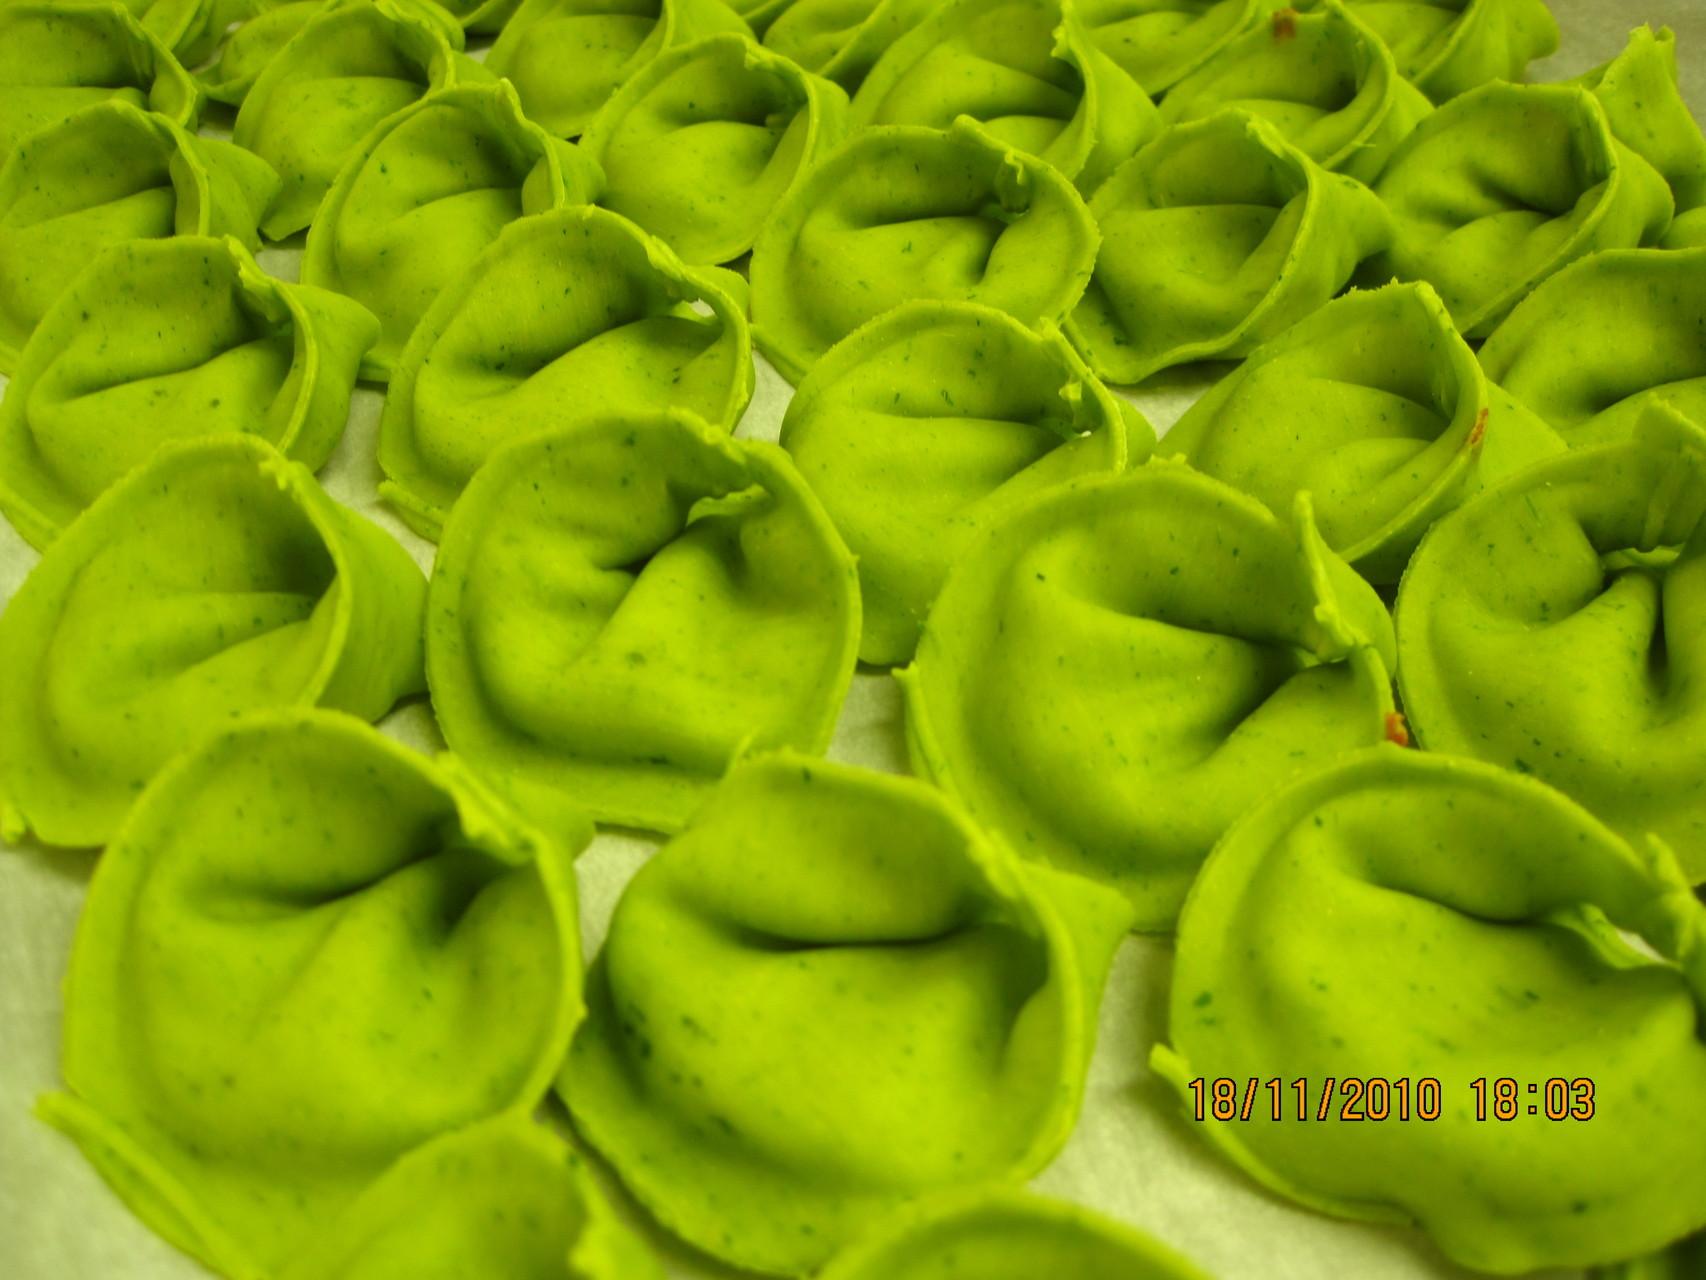 Grüne Ravioli mit Büffelricotta gefüllt